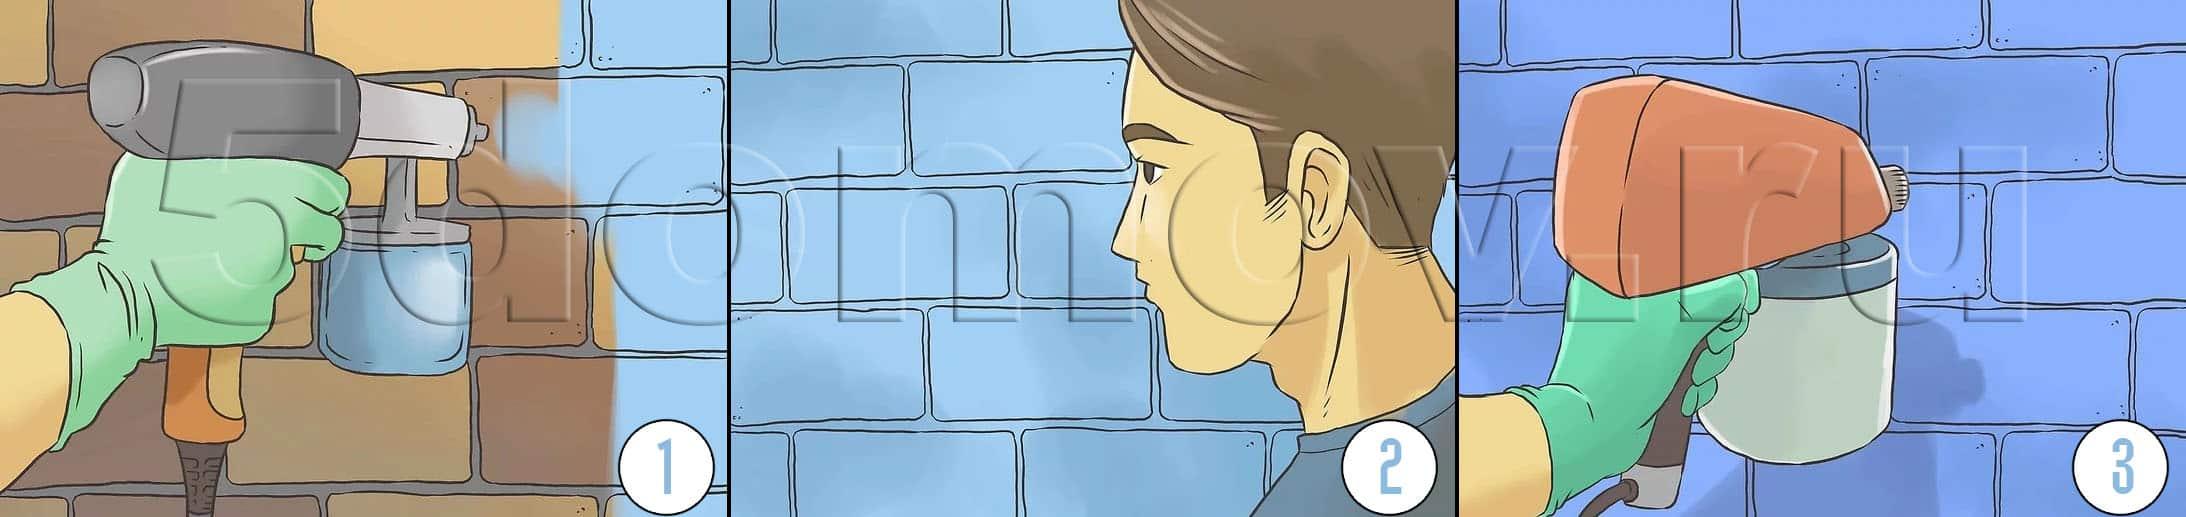 Чем и как покрасить кирпич (кирпичную стену) | Как красить кирпич и важные нюансы при покраске